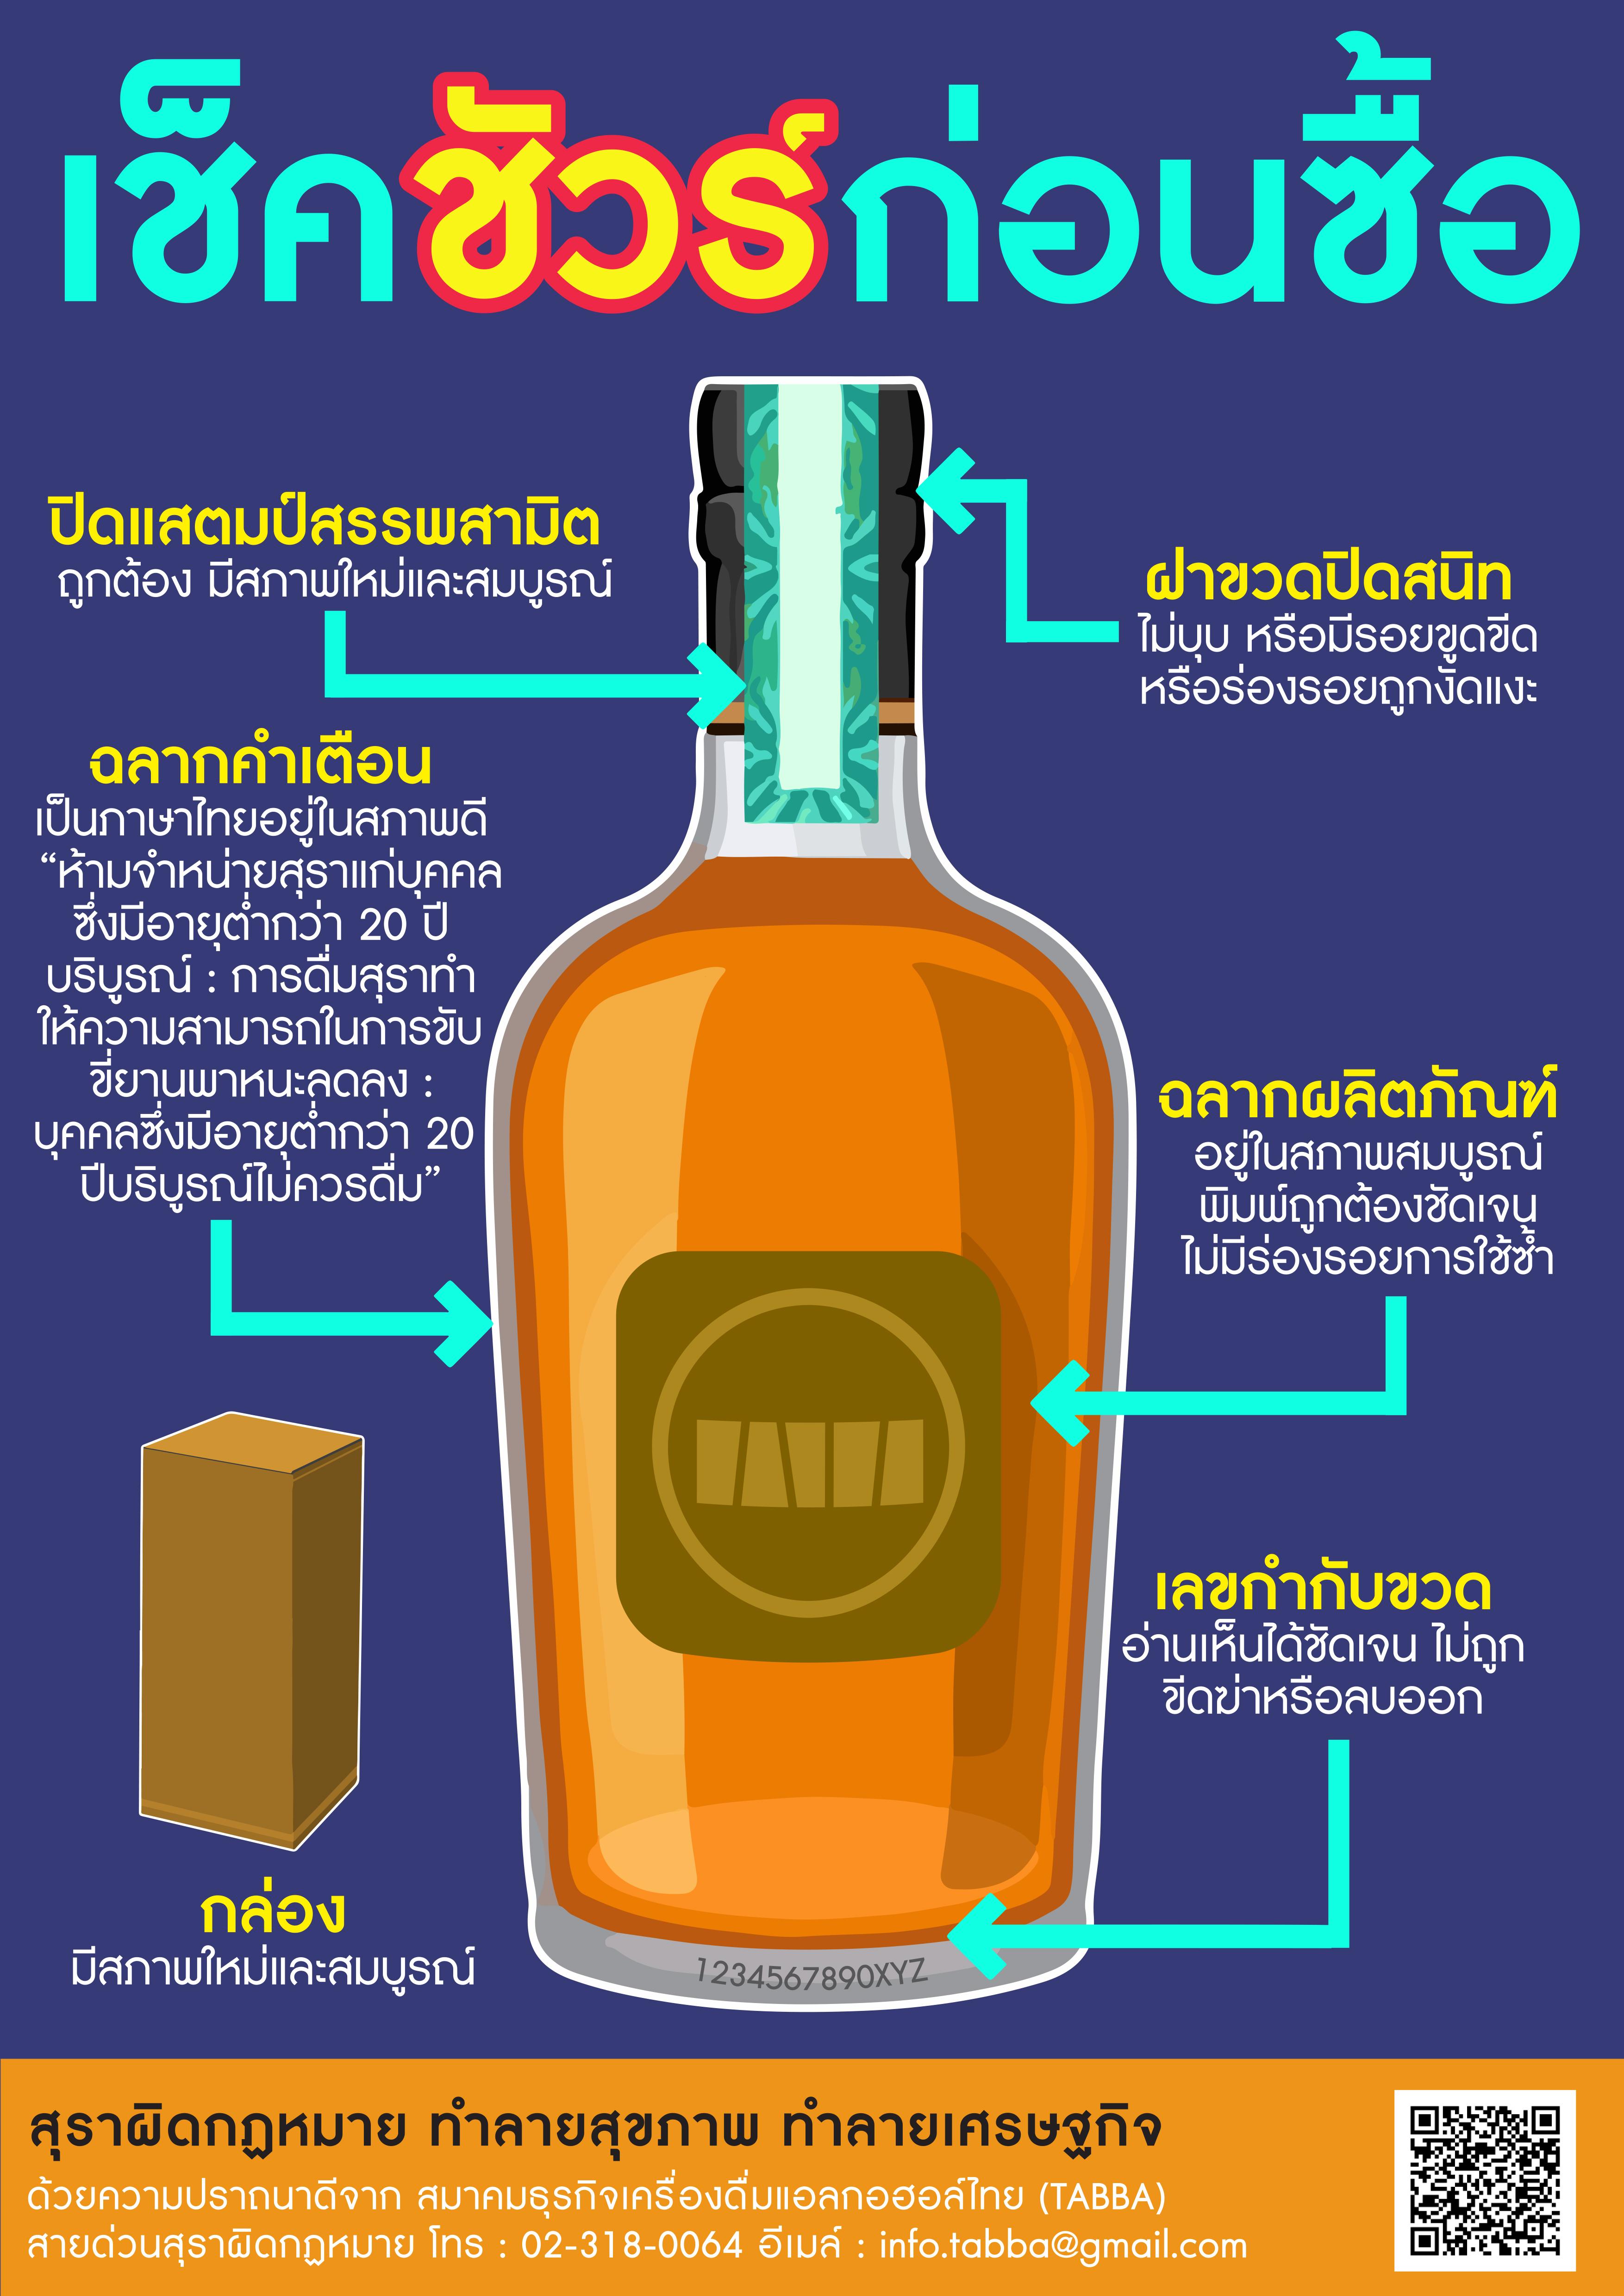 การเลือกซื้อผลิตภัณฑ์เครื่องดื่มแอลกอฮอล์,การเลือกซื้อผลิตภัณฑ์เครื่องดื่มแอลกอฮอล์,การเลือกซื้อผลิตภัณฑ์เครื่องดื่มแอลกอฮอล์